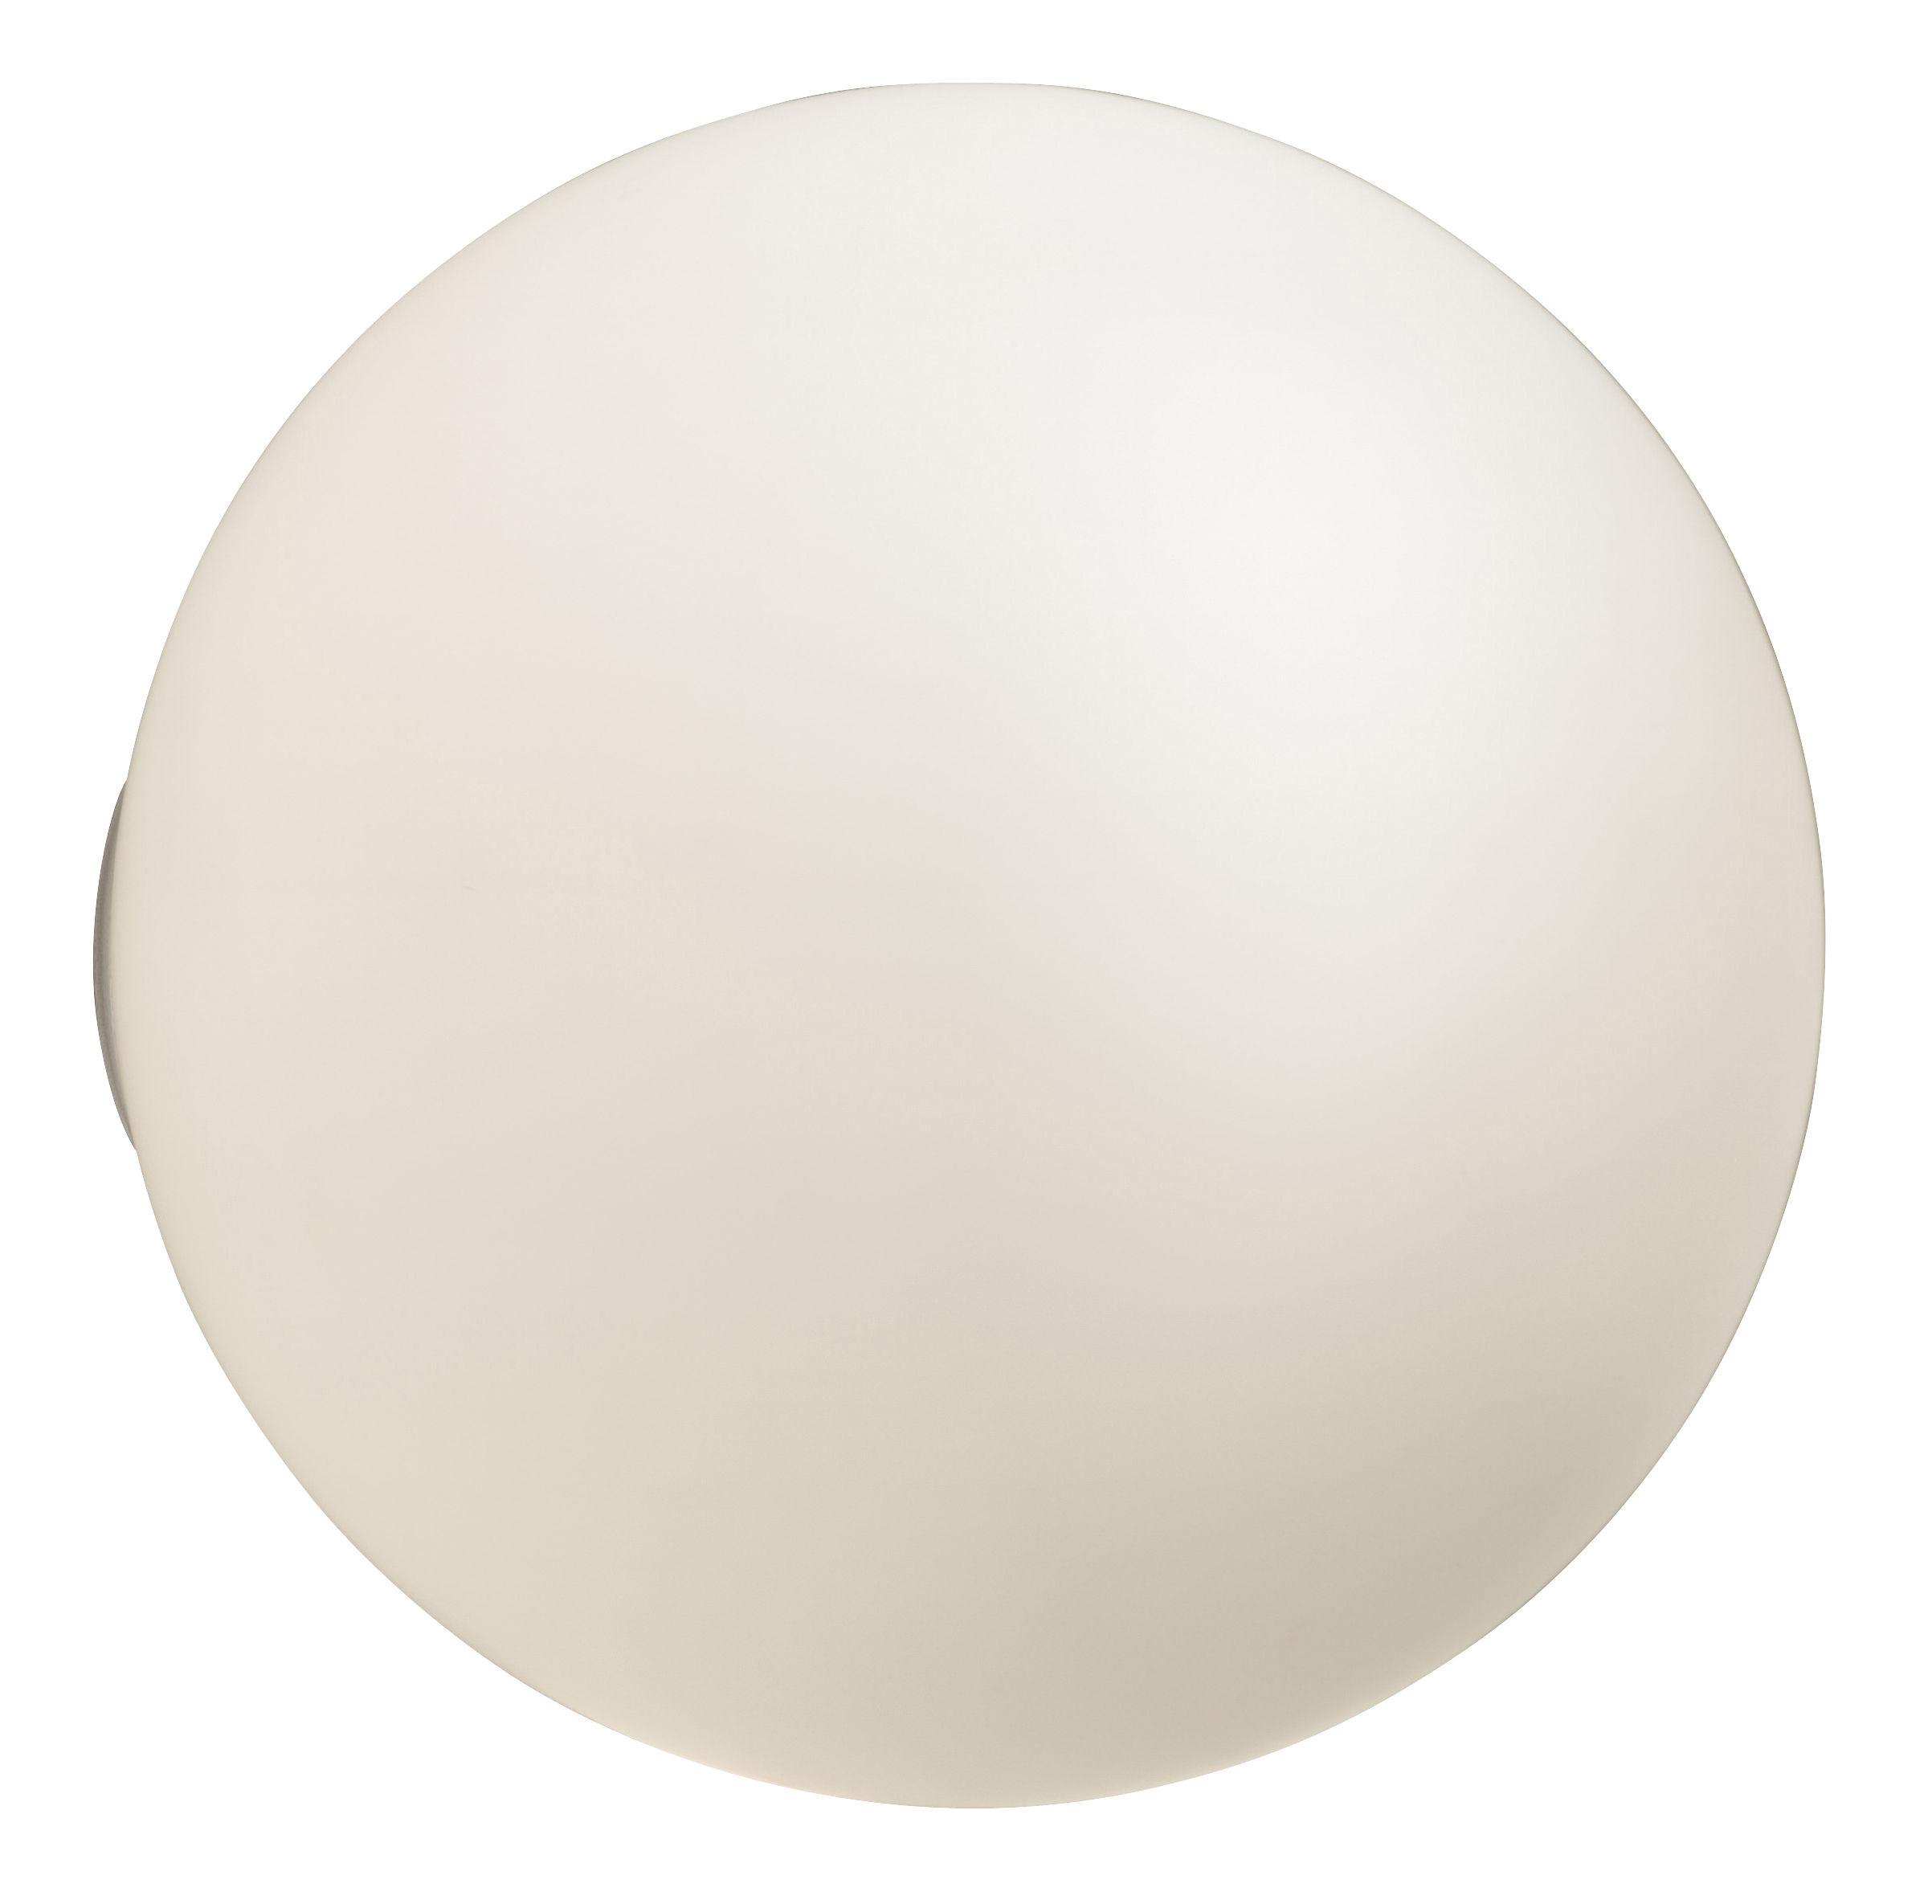 Leuchten - Wandleuchten - Dioscuri Outdoor-Wandleuchte Deckenleuchte - Artemide - Ø 42 cm - weiß - geblasenes Glas